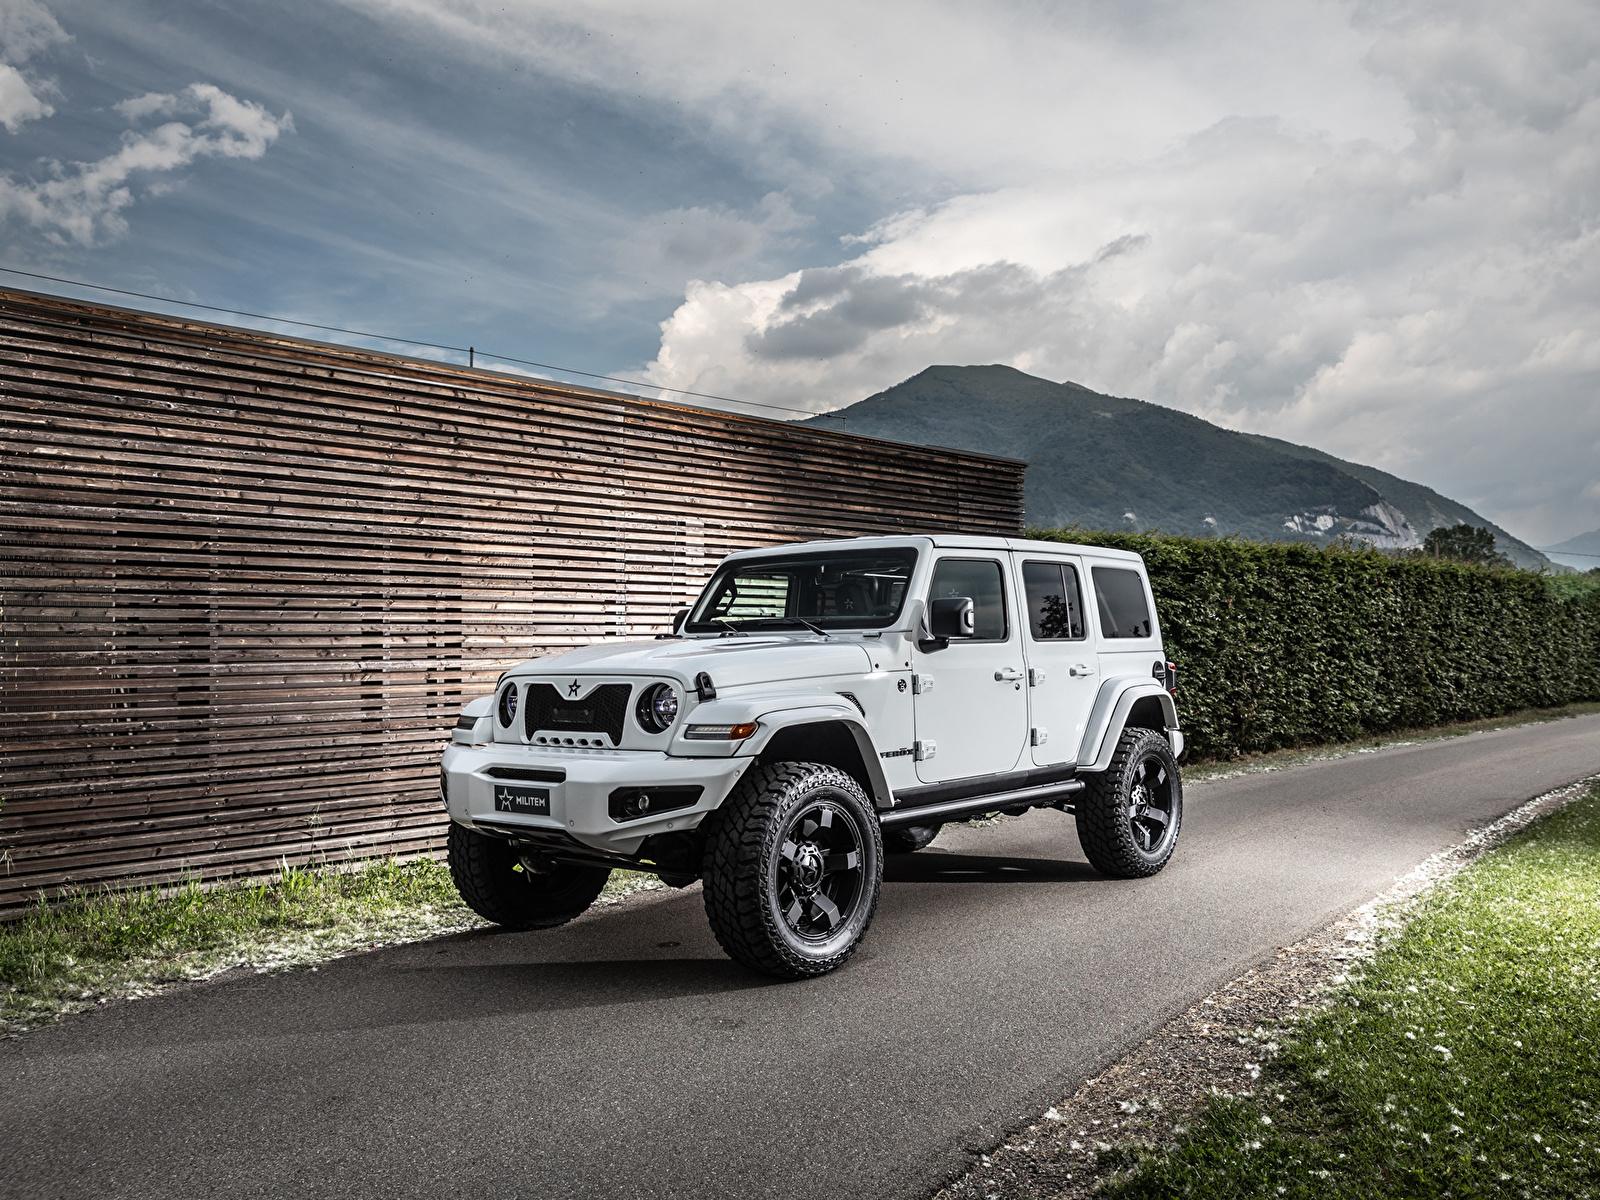 Фотографии Джип Внедорожник 2019 Militem Ferōx белые Автомобили 1600x1200 Jeep SUV белая Белый белых авто машины машина автомобиль